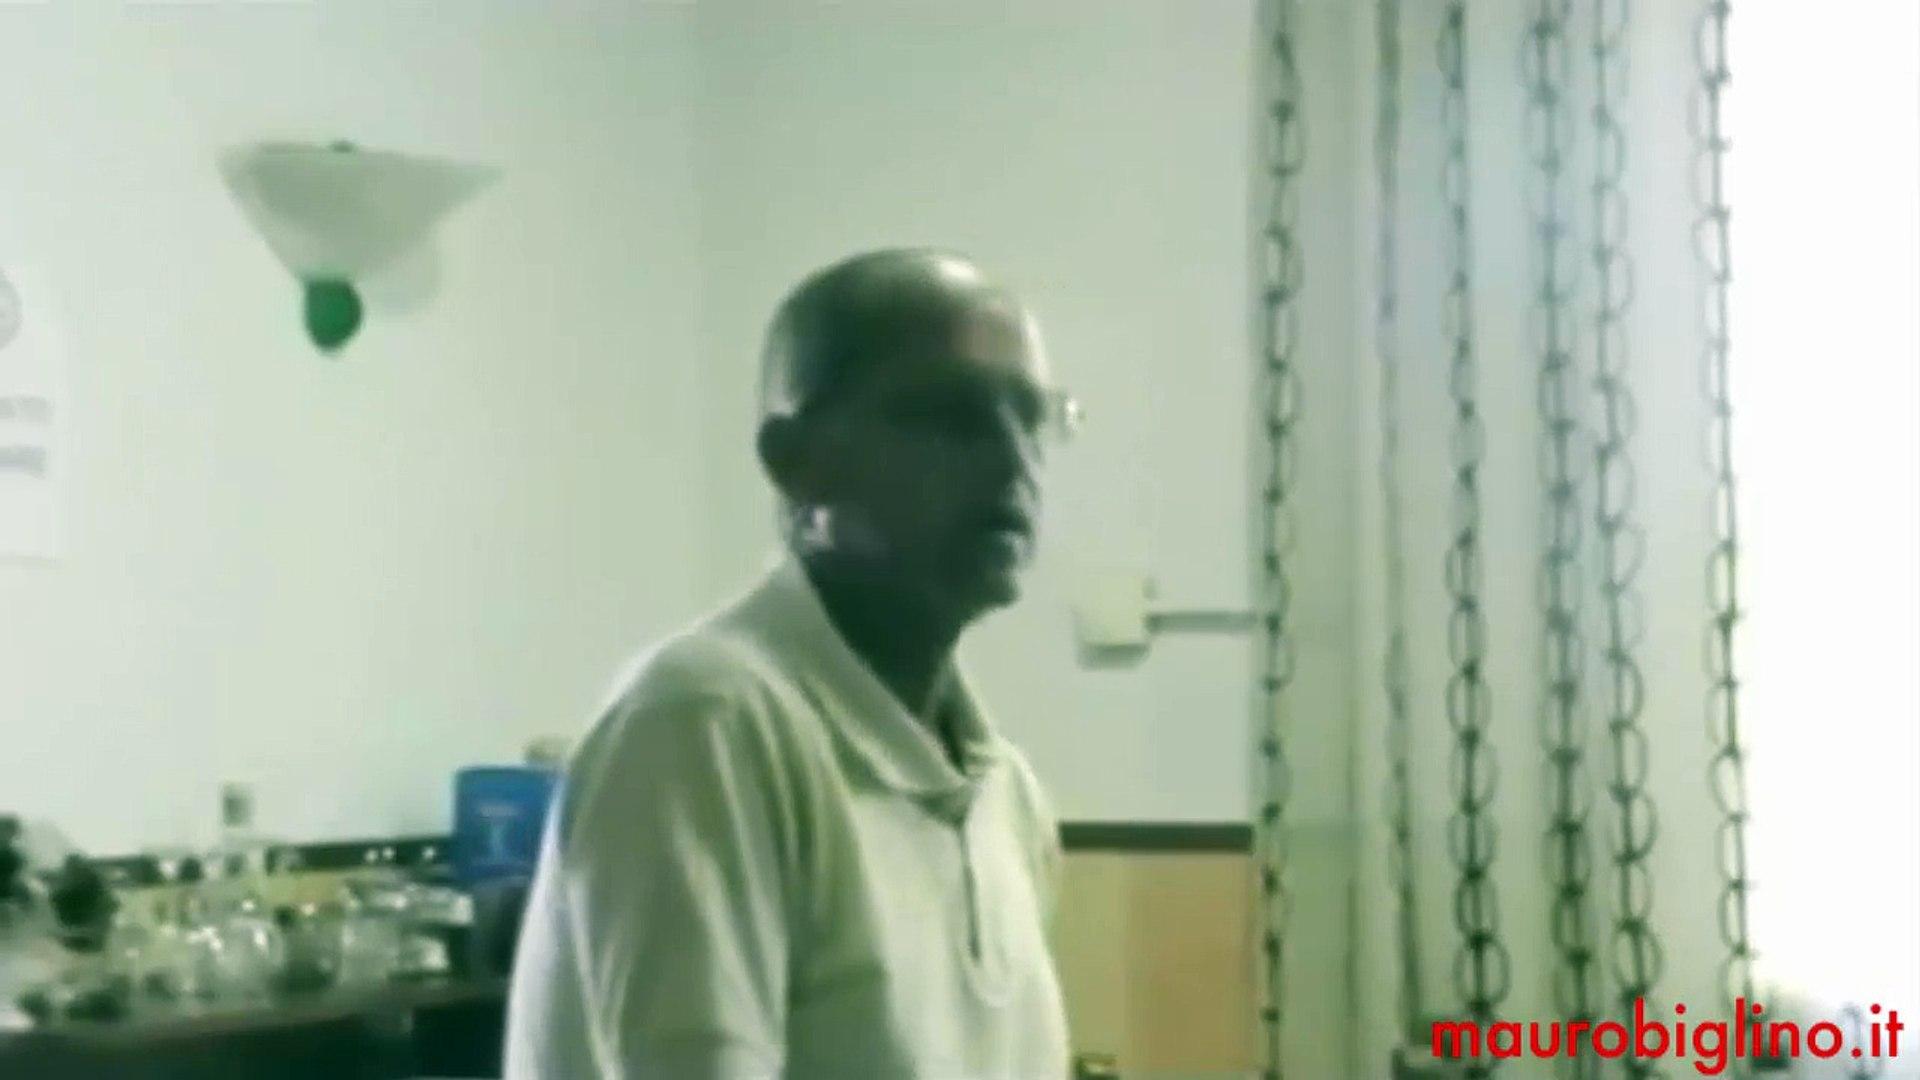 Mauro Biglino - Barga - 14 Agosto 2011 (Parte 1 di 3)